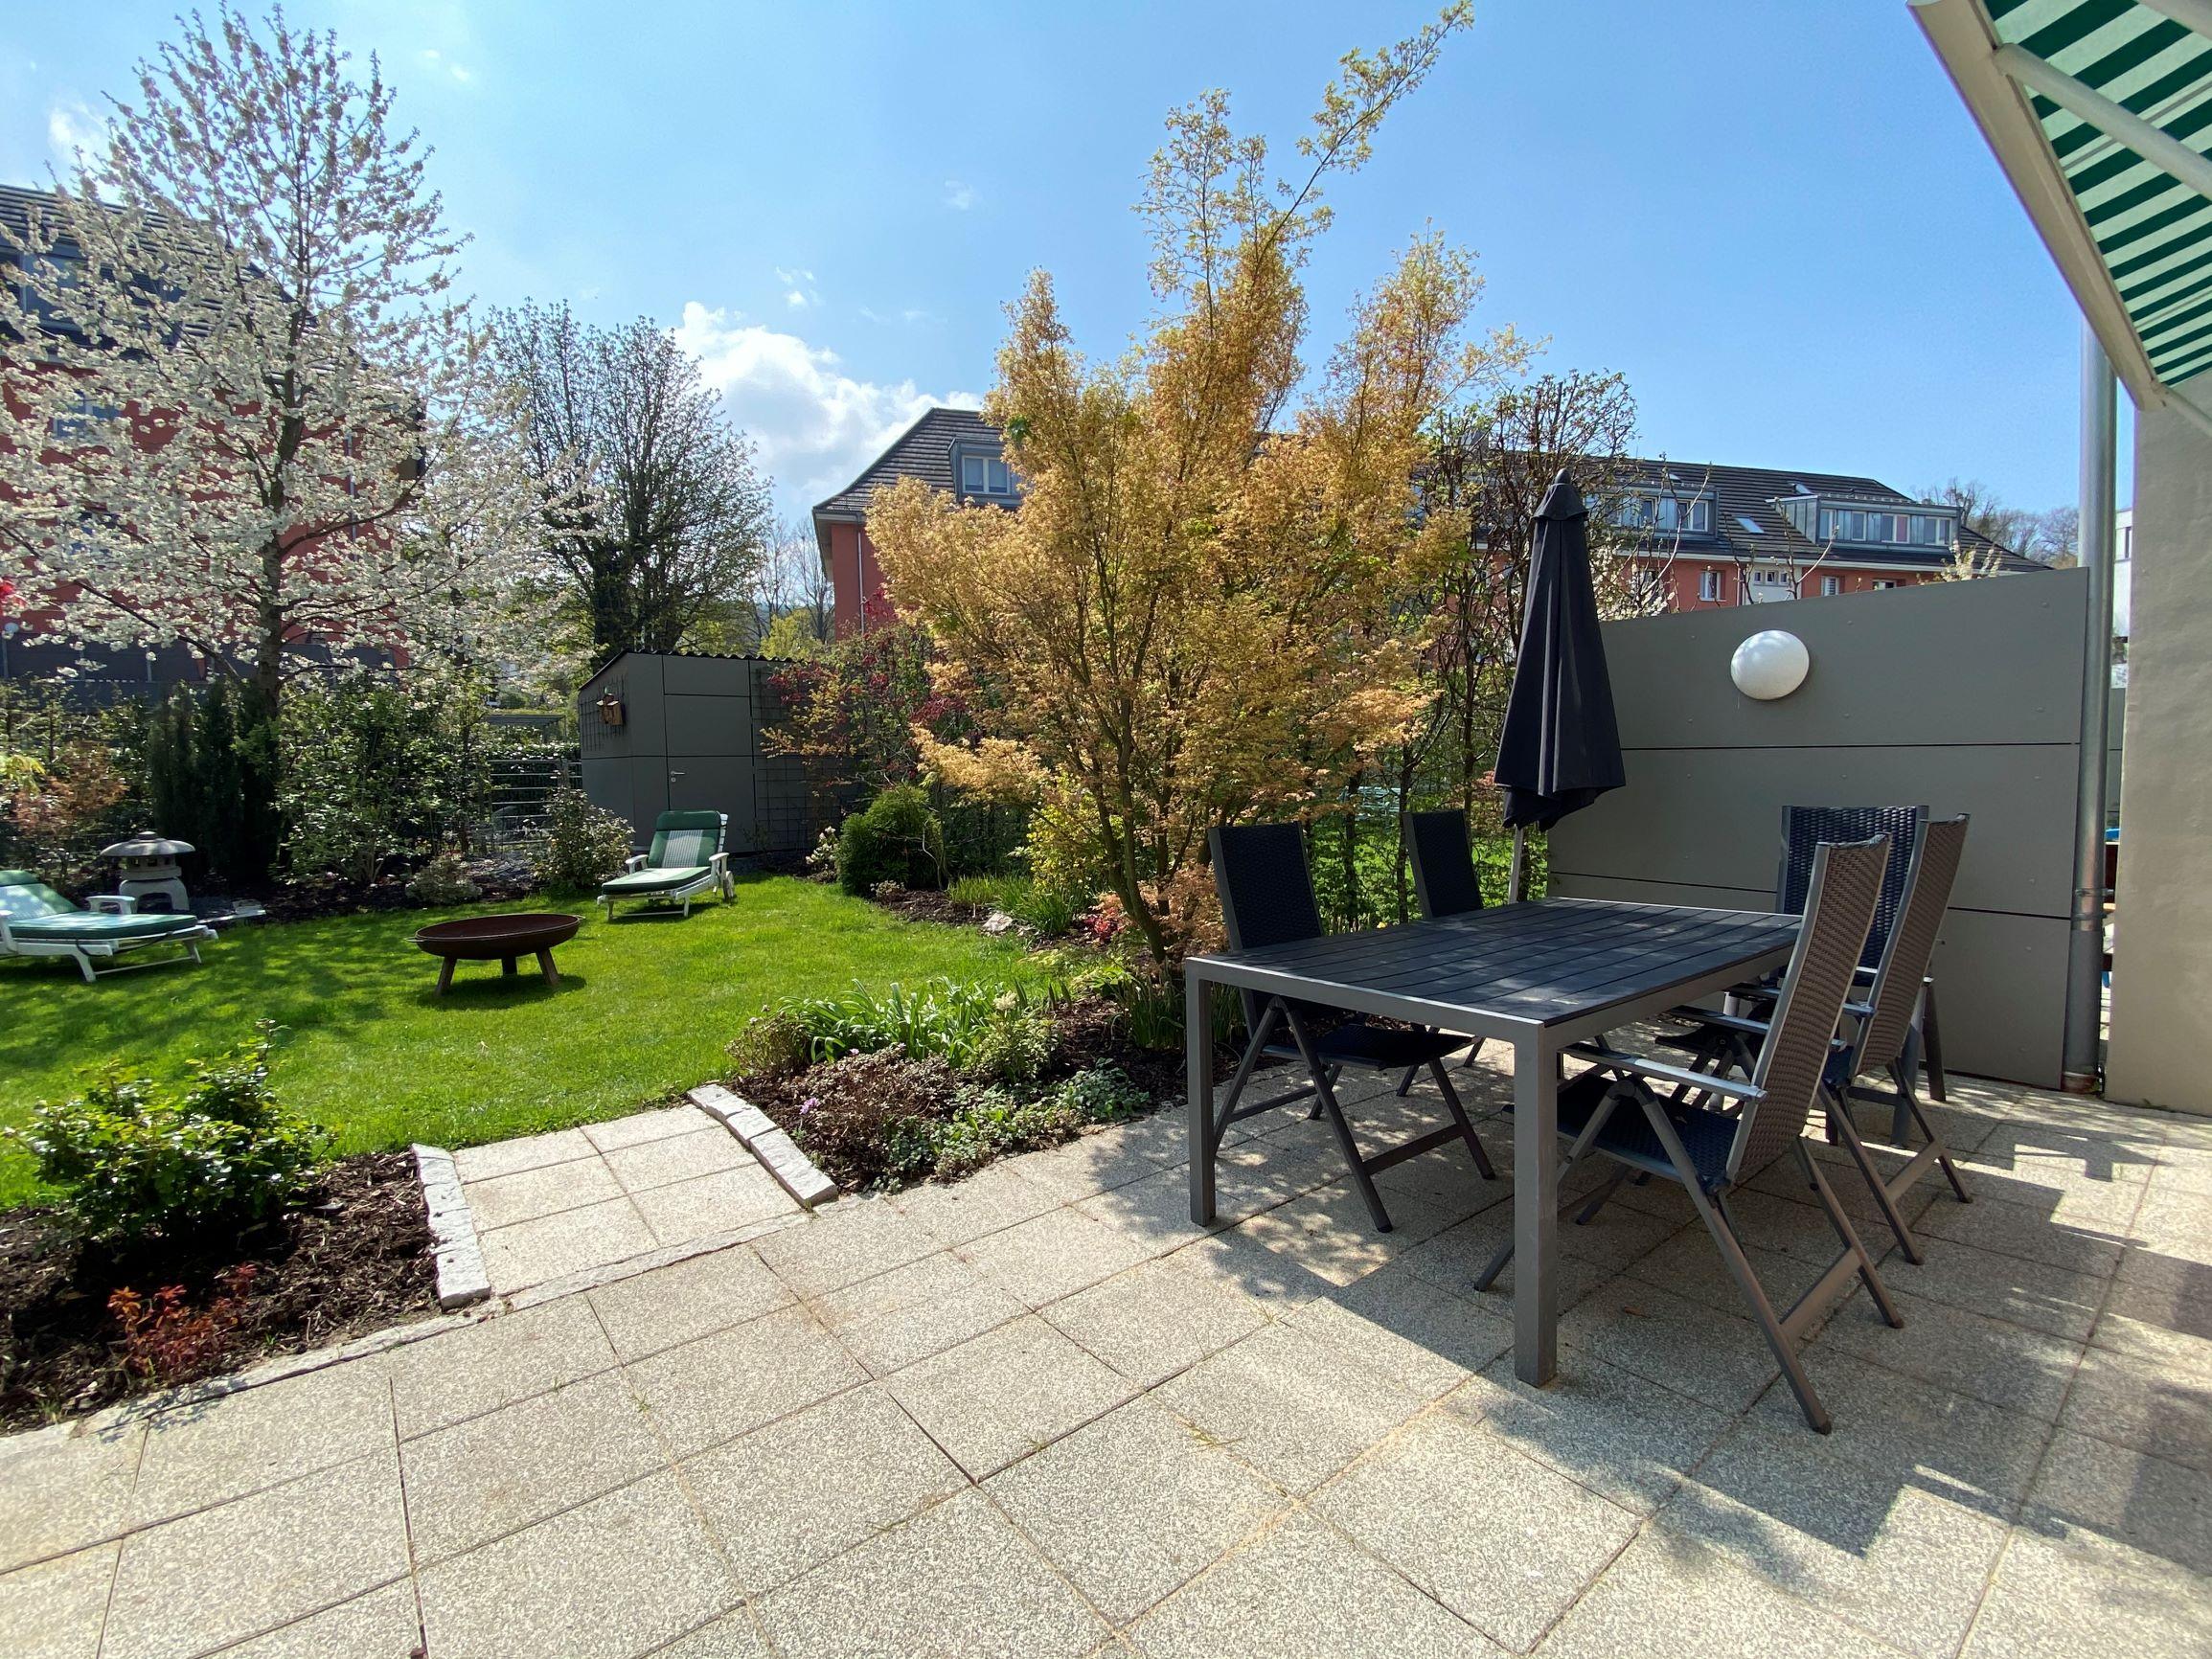 Moderne Eigentumswohnung mit Garten  in citynaher Wohnlage